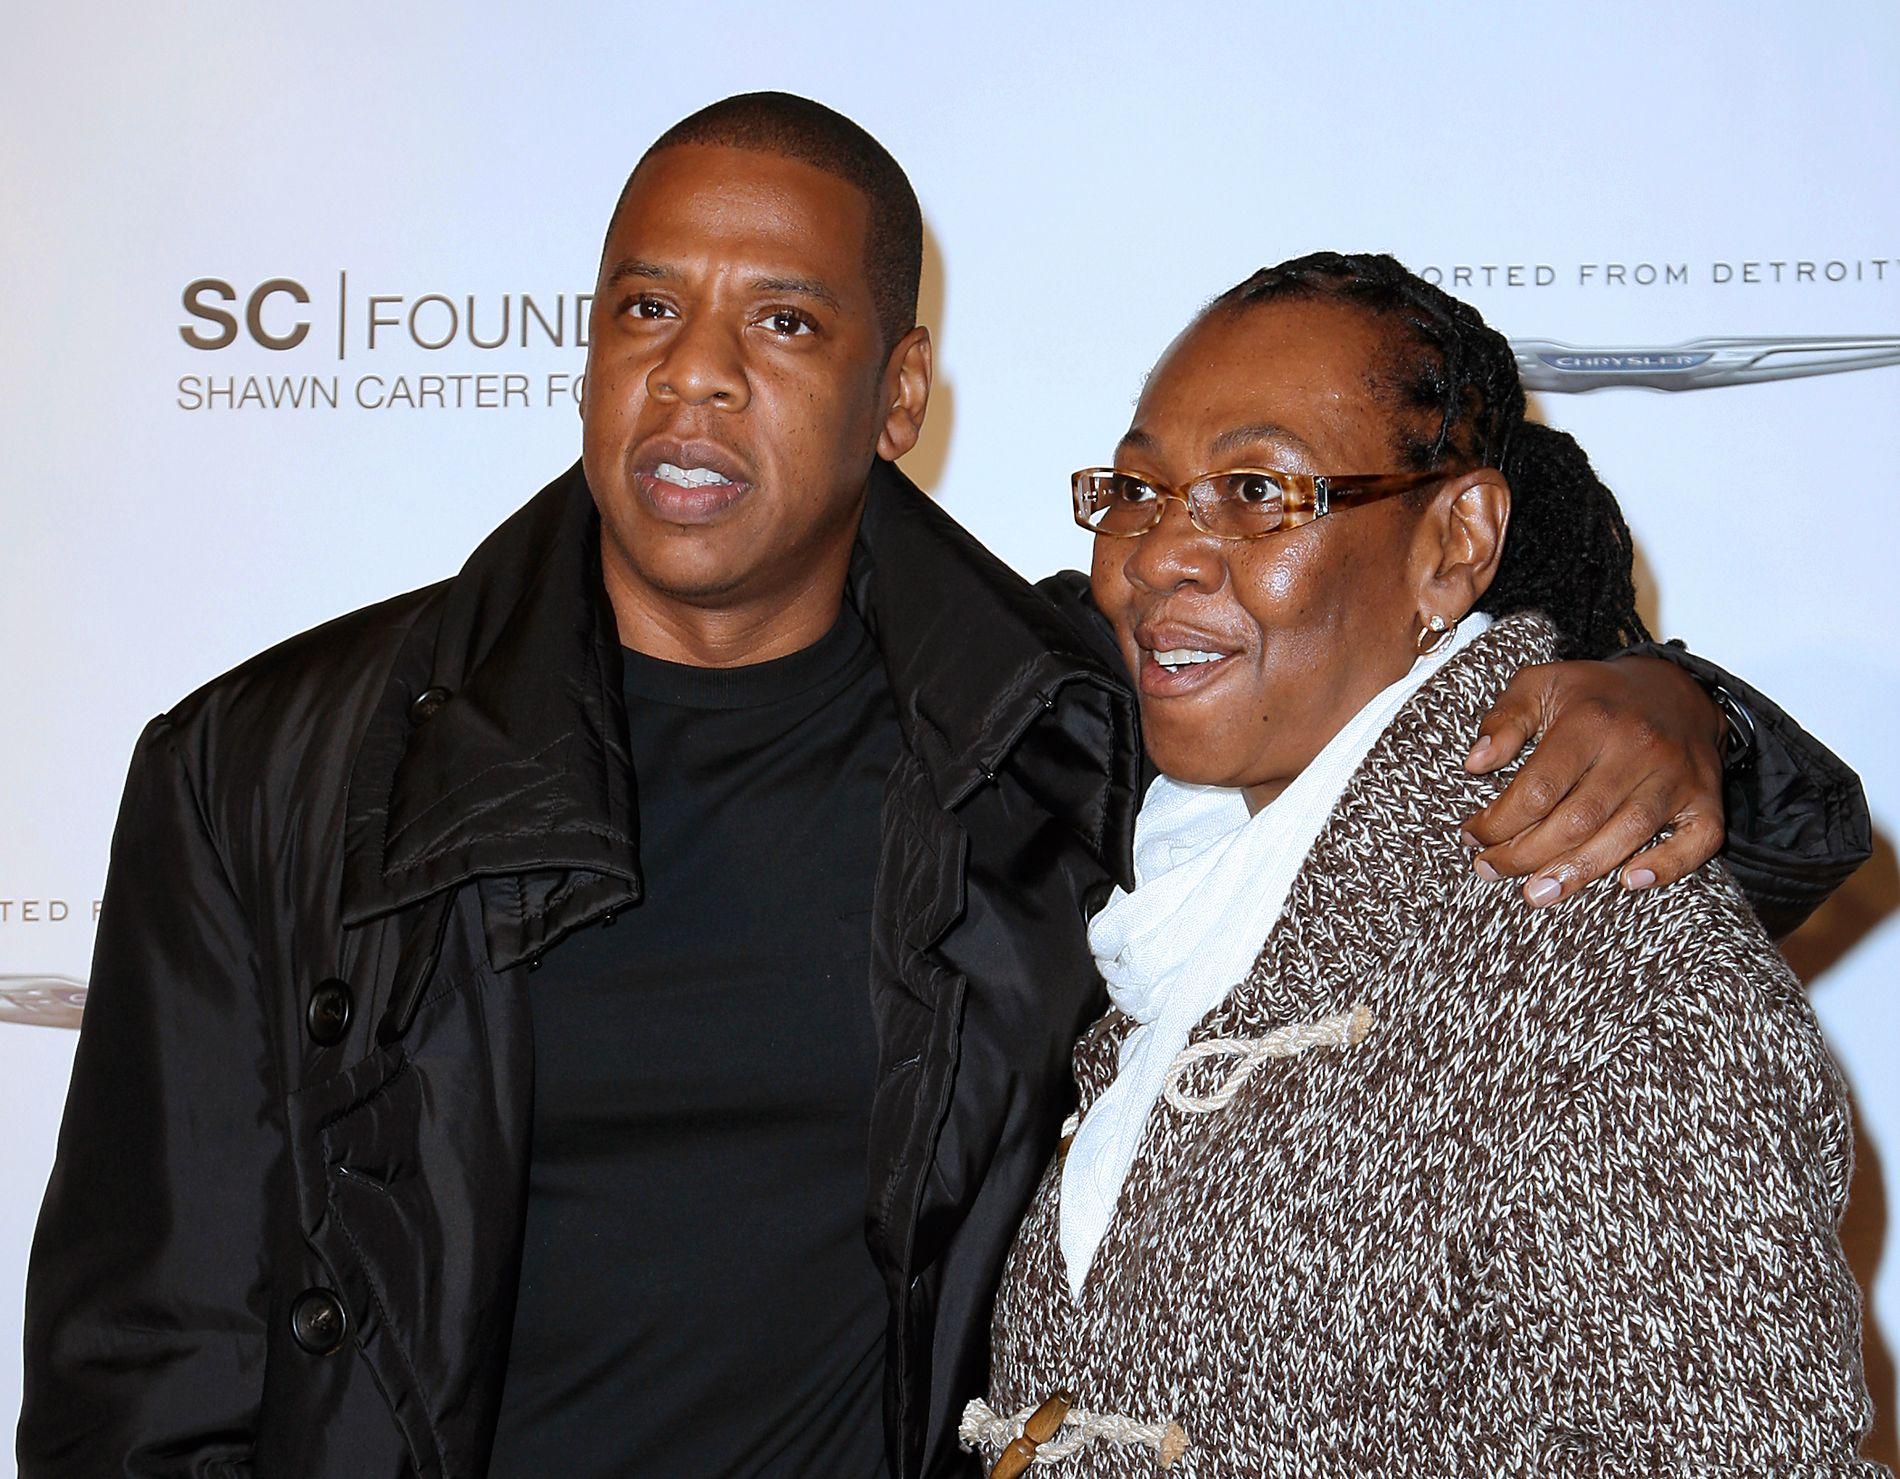 SNAKKET UT: Det ble en følelsesladdet affære da Jay Z for første gang pratet med moren Gloria Carter om hennes legning.